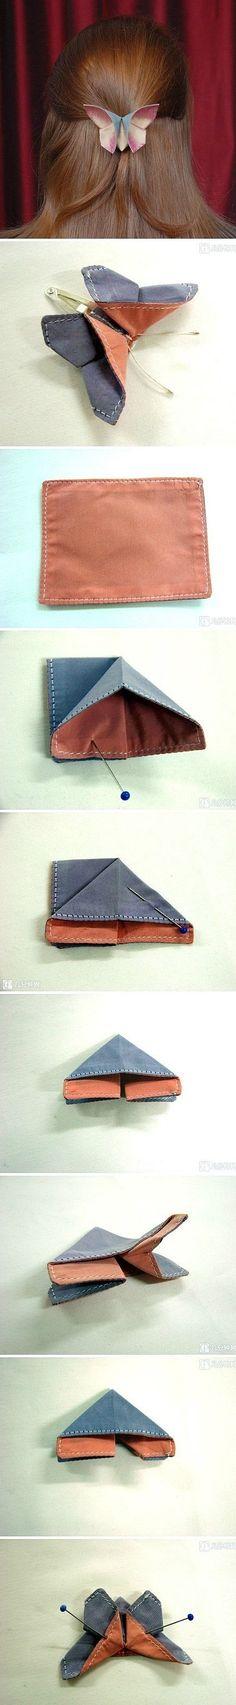 Un broche DIY de origami